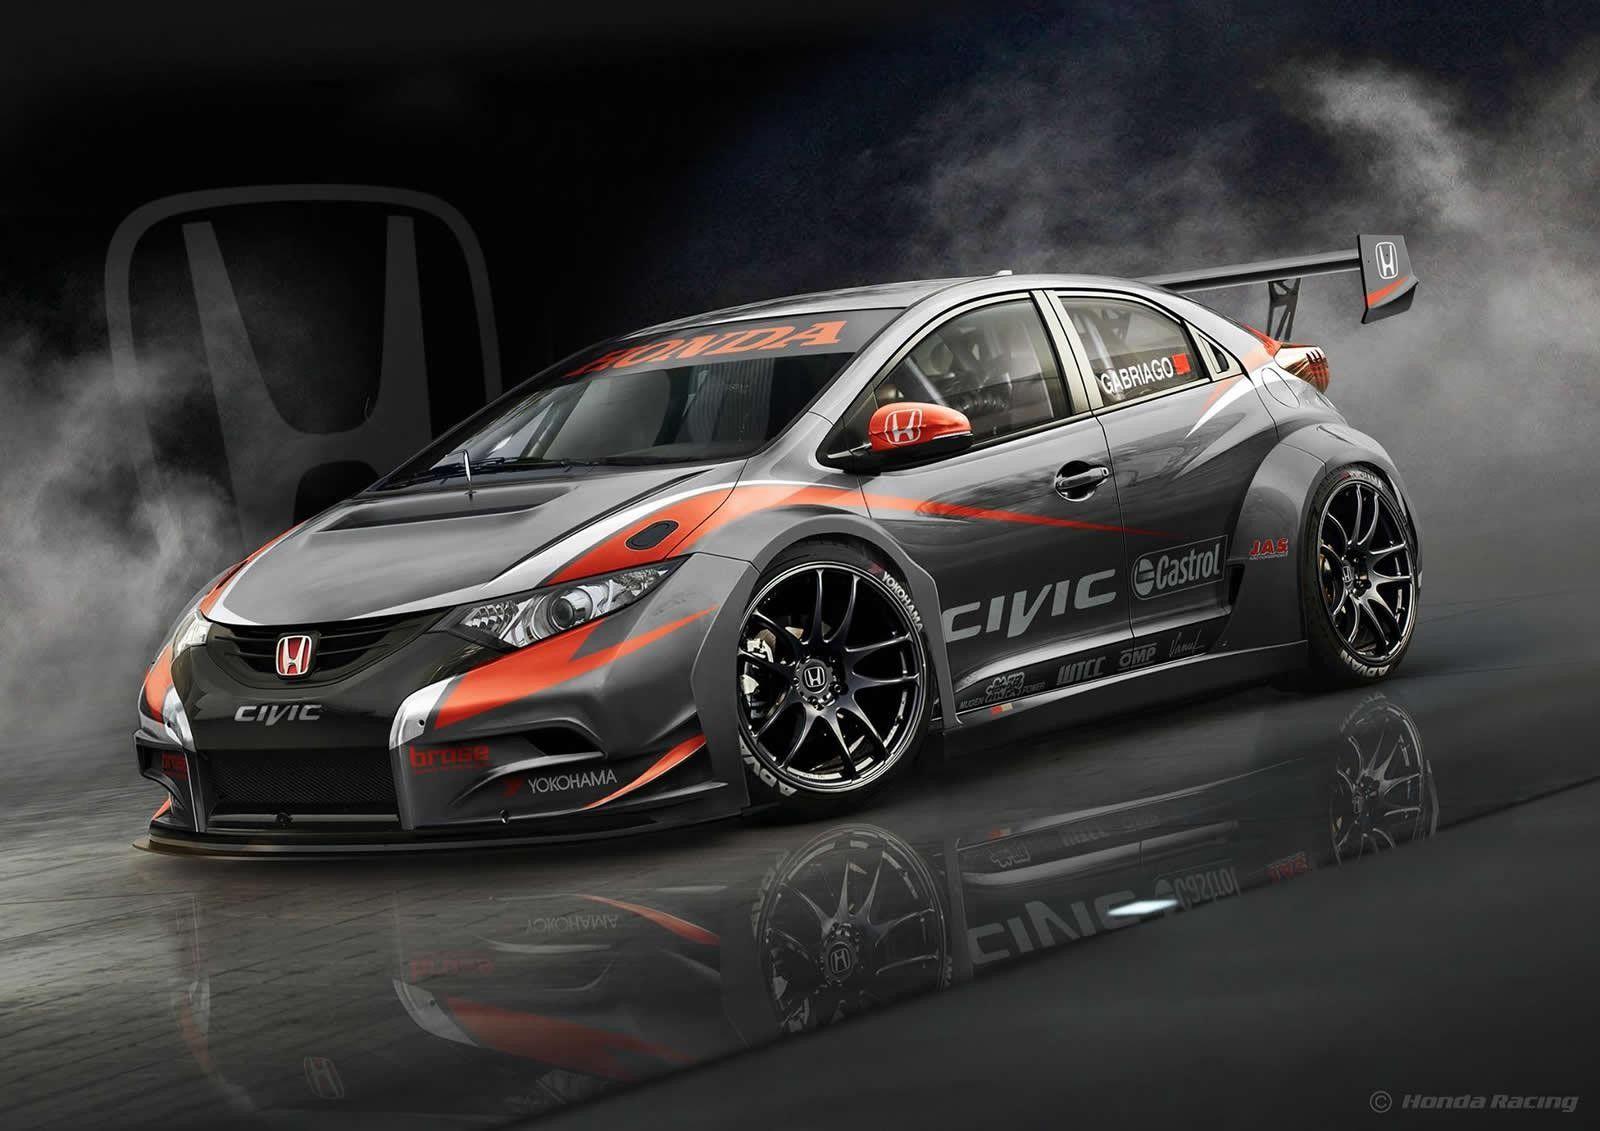 Honda Civic Touring Car 2014